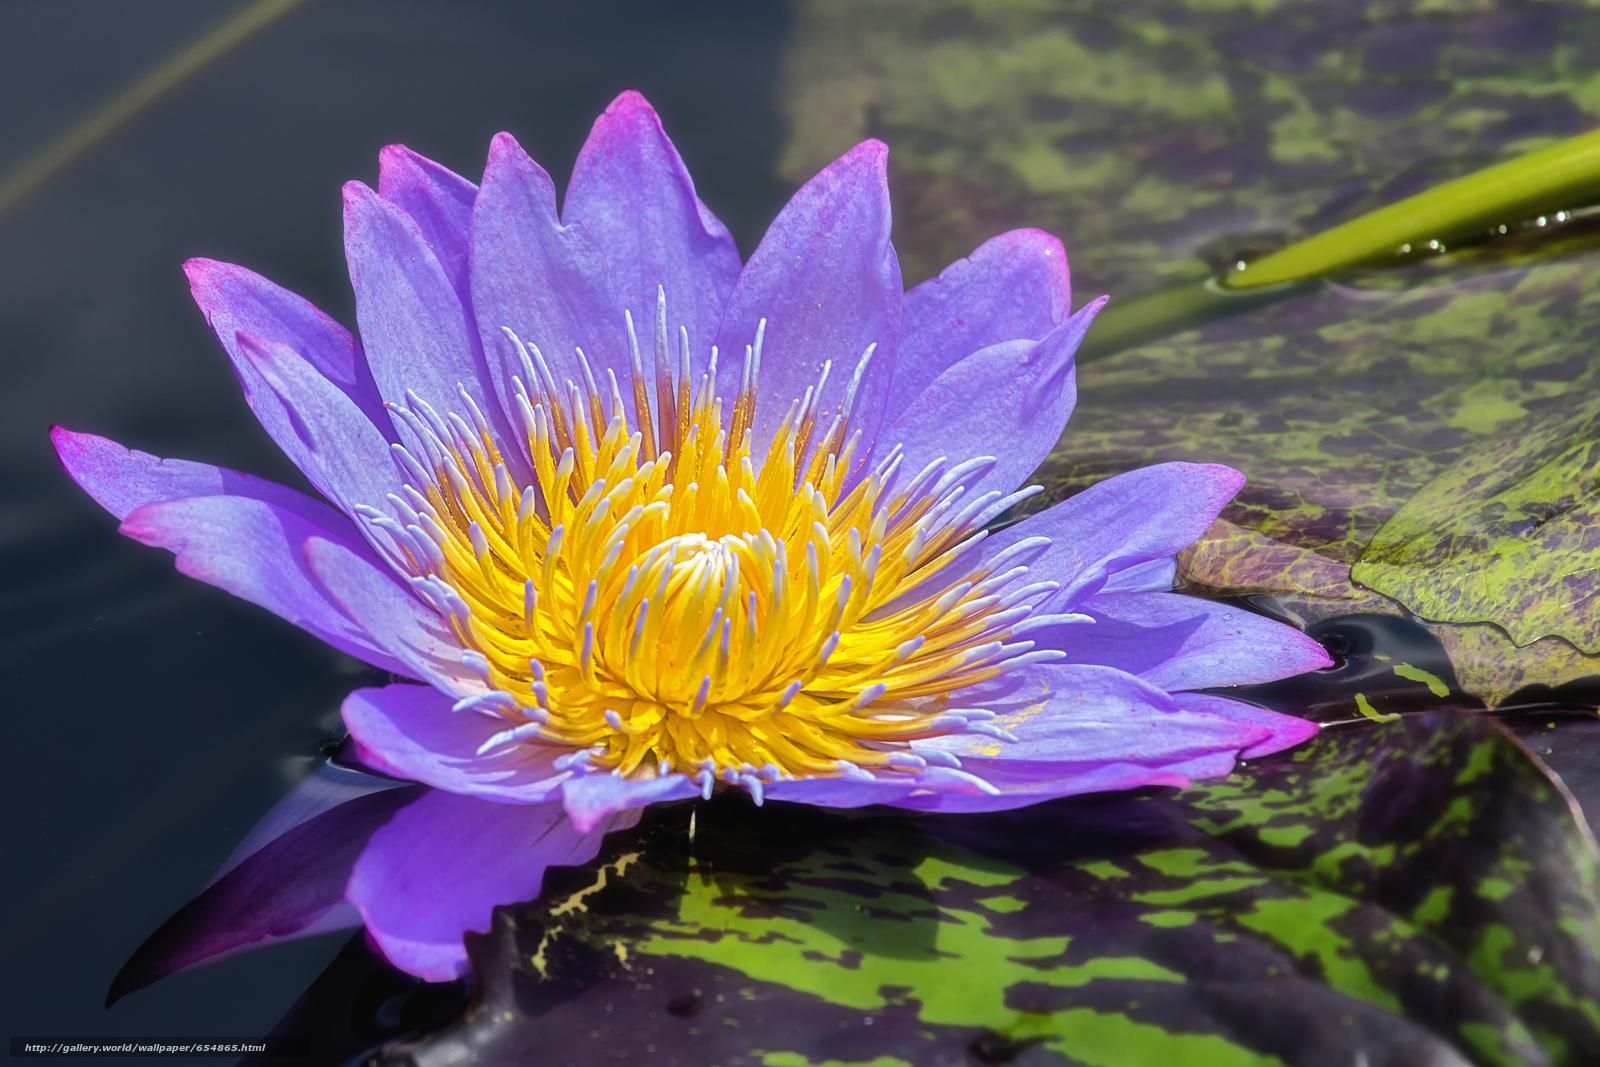 Скачать обои водяная лилия,  водяные лилии,  цветы,  флора бесплатно для рабочего стола в разрешении 4020x2680 — картинка №654865